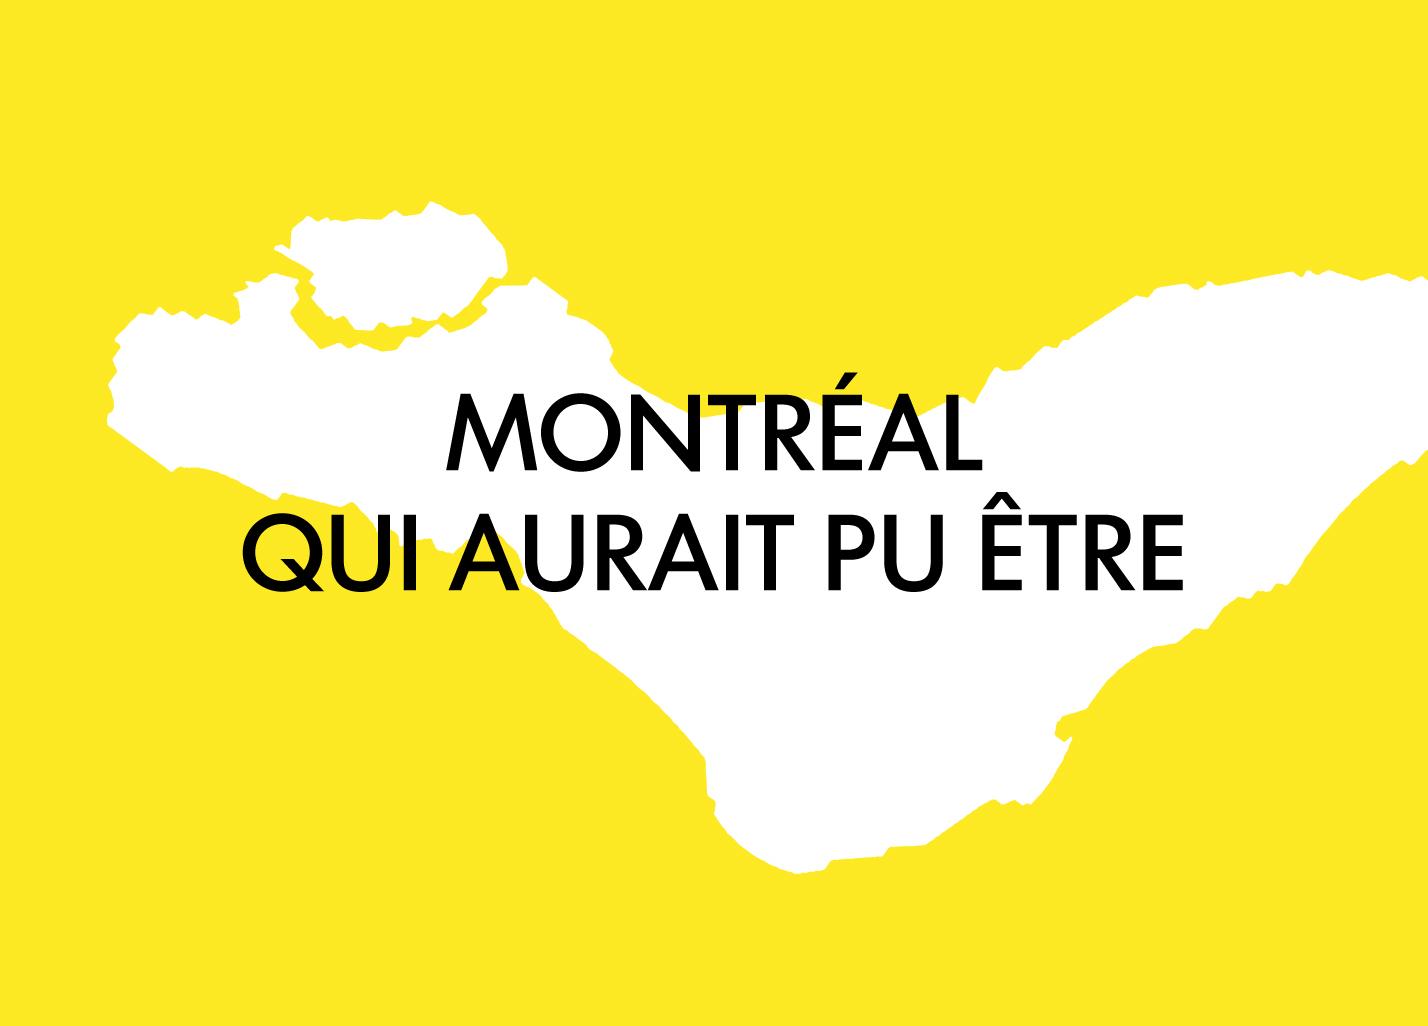 Le Montréal qui aurait pu être